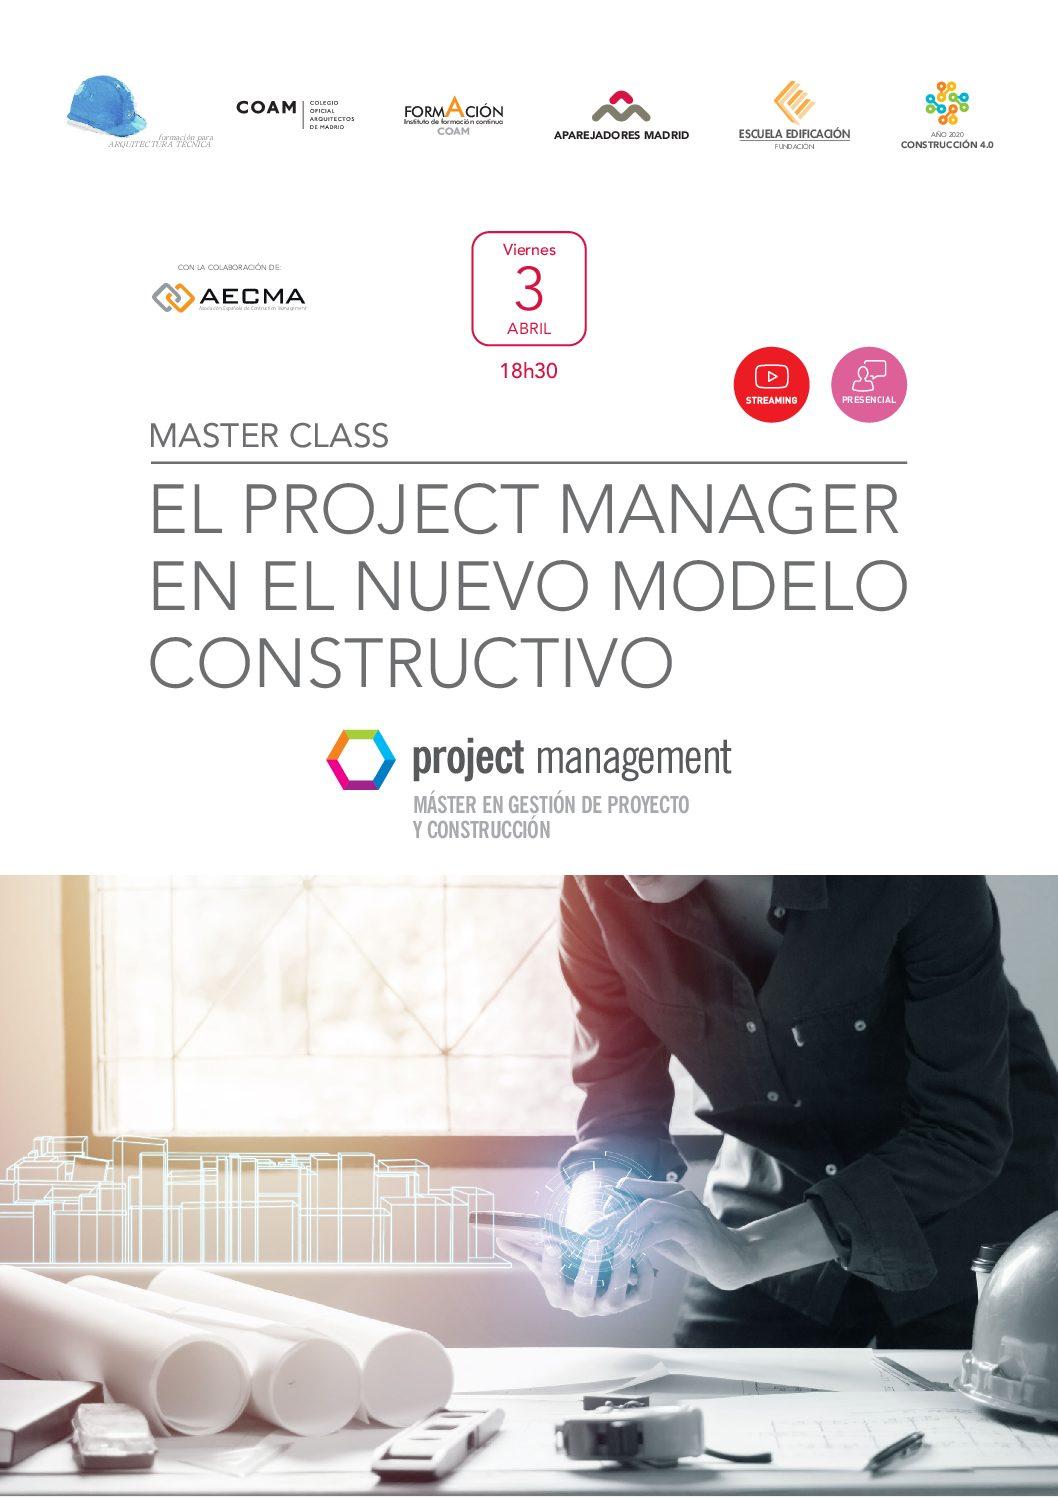 MÁSTER CLASS EL PROJECT MANAGER EN EL NUEVO MODELO CONSTRUCTIVO